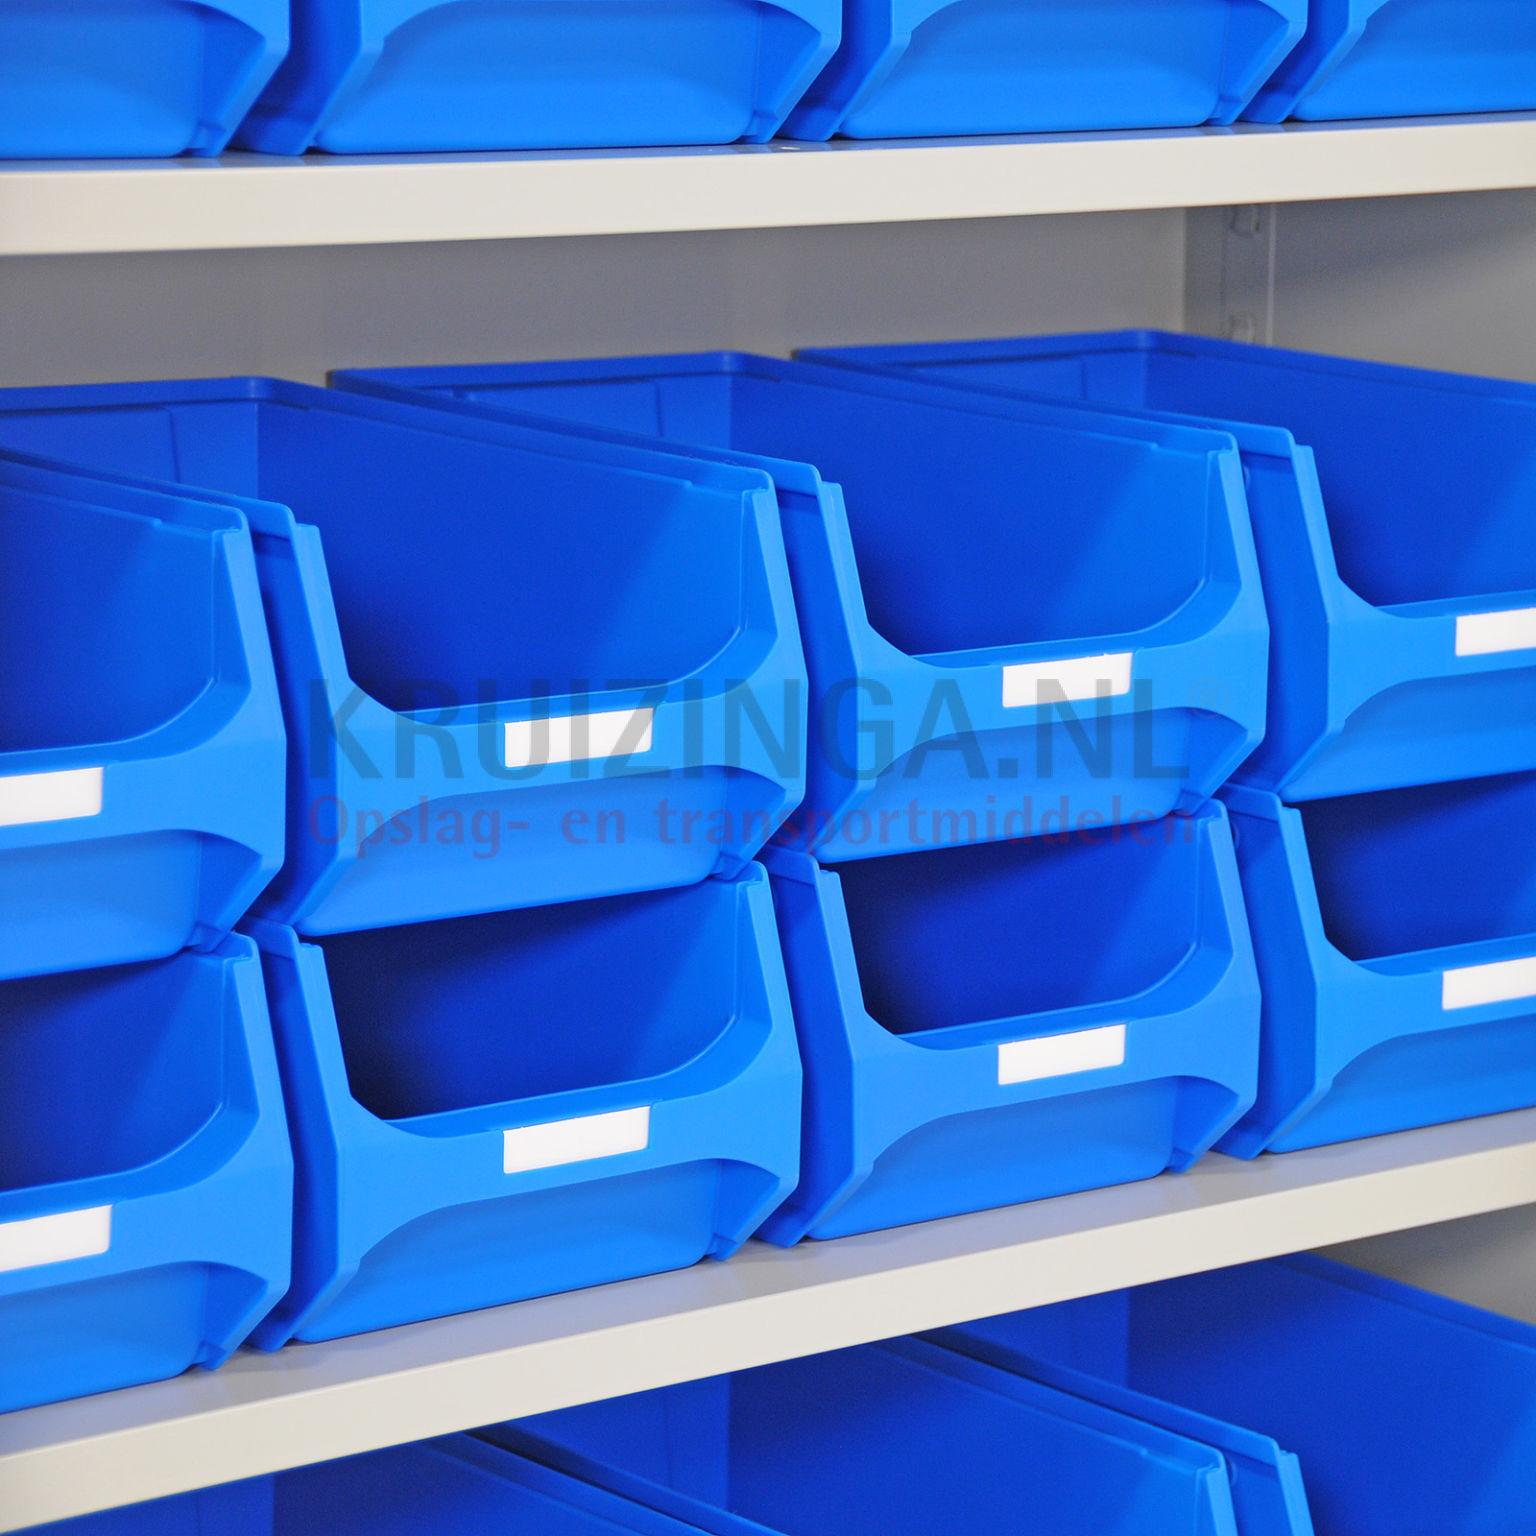 schrank zubeh r mehrpreis 36 sichtlagerboxen mit etiketten ab 148 frei haus. Black Bedroom Furniture Sets. Home Design Ideas